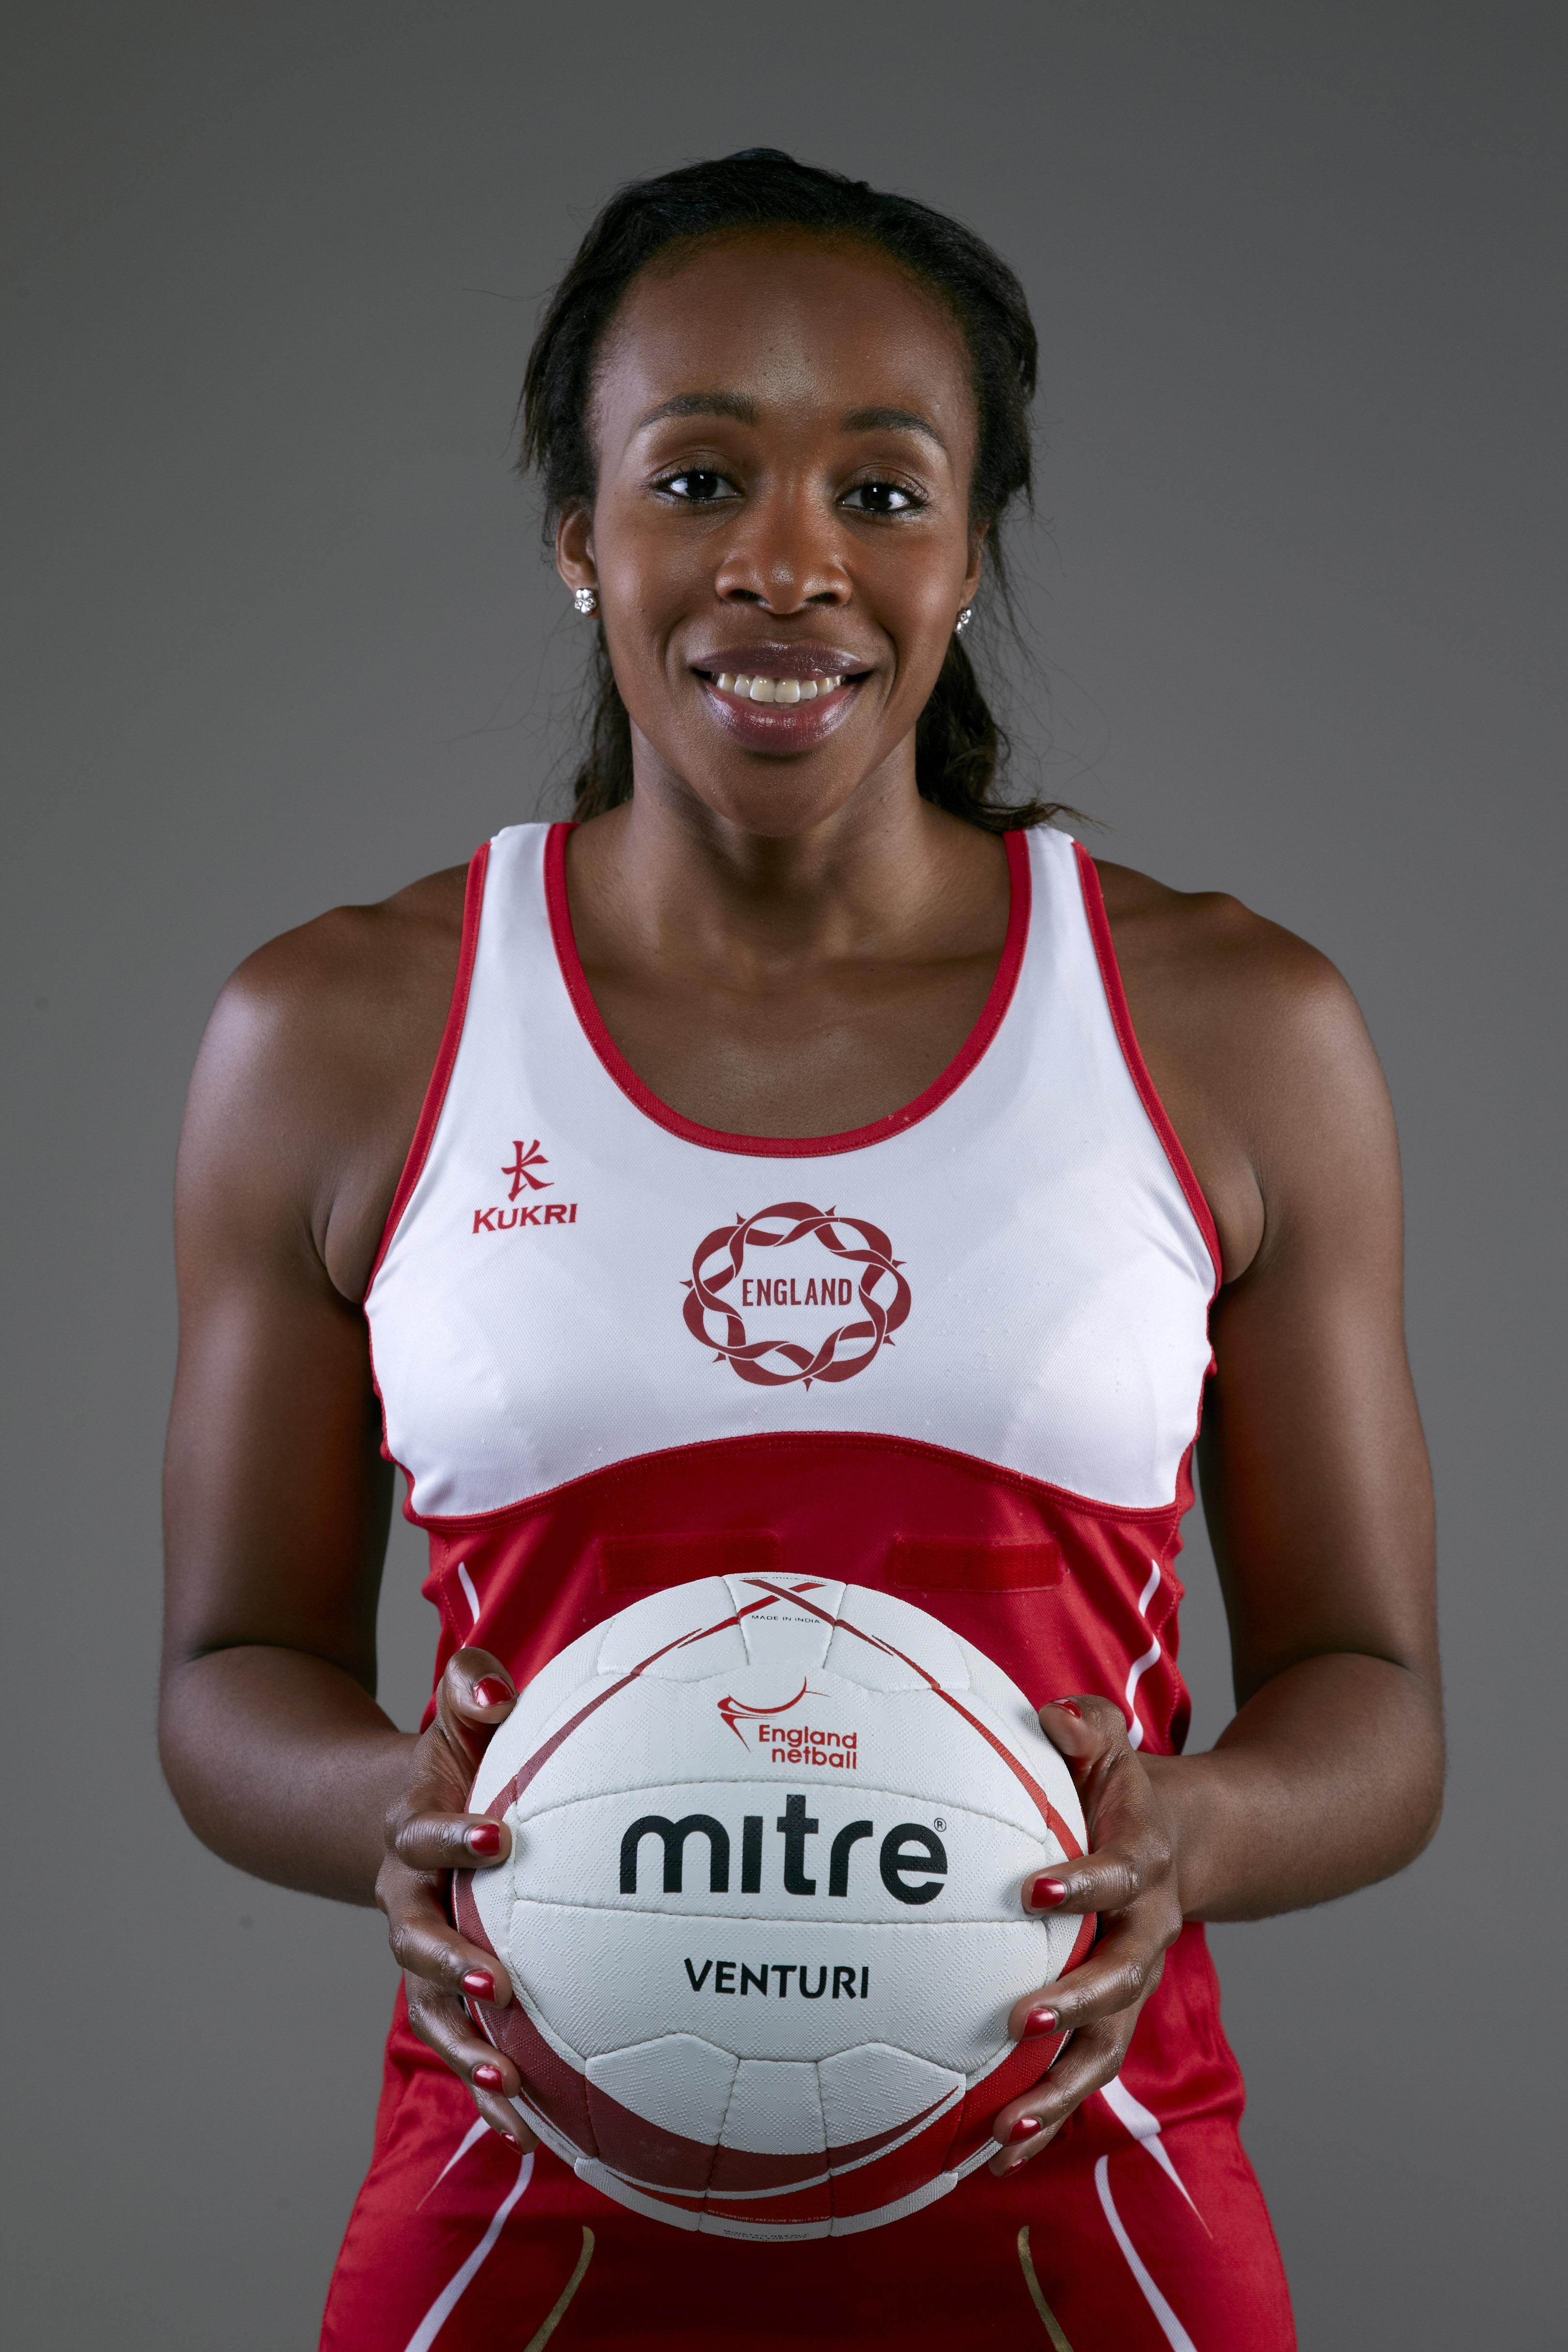 Pamela Cookey of England Netball.